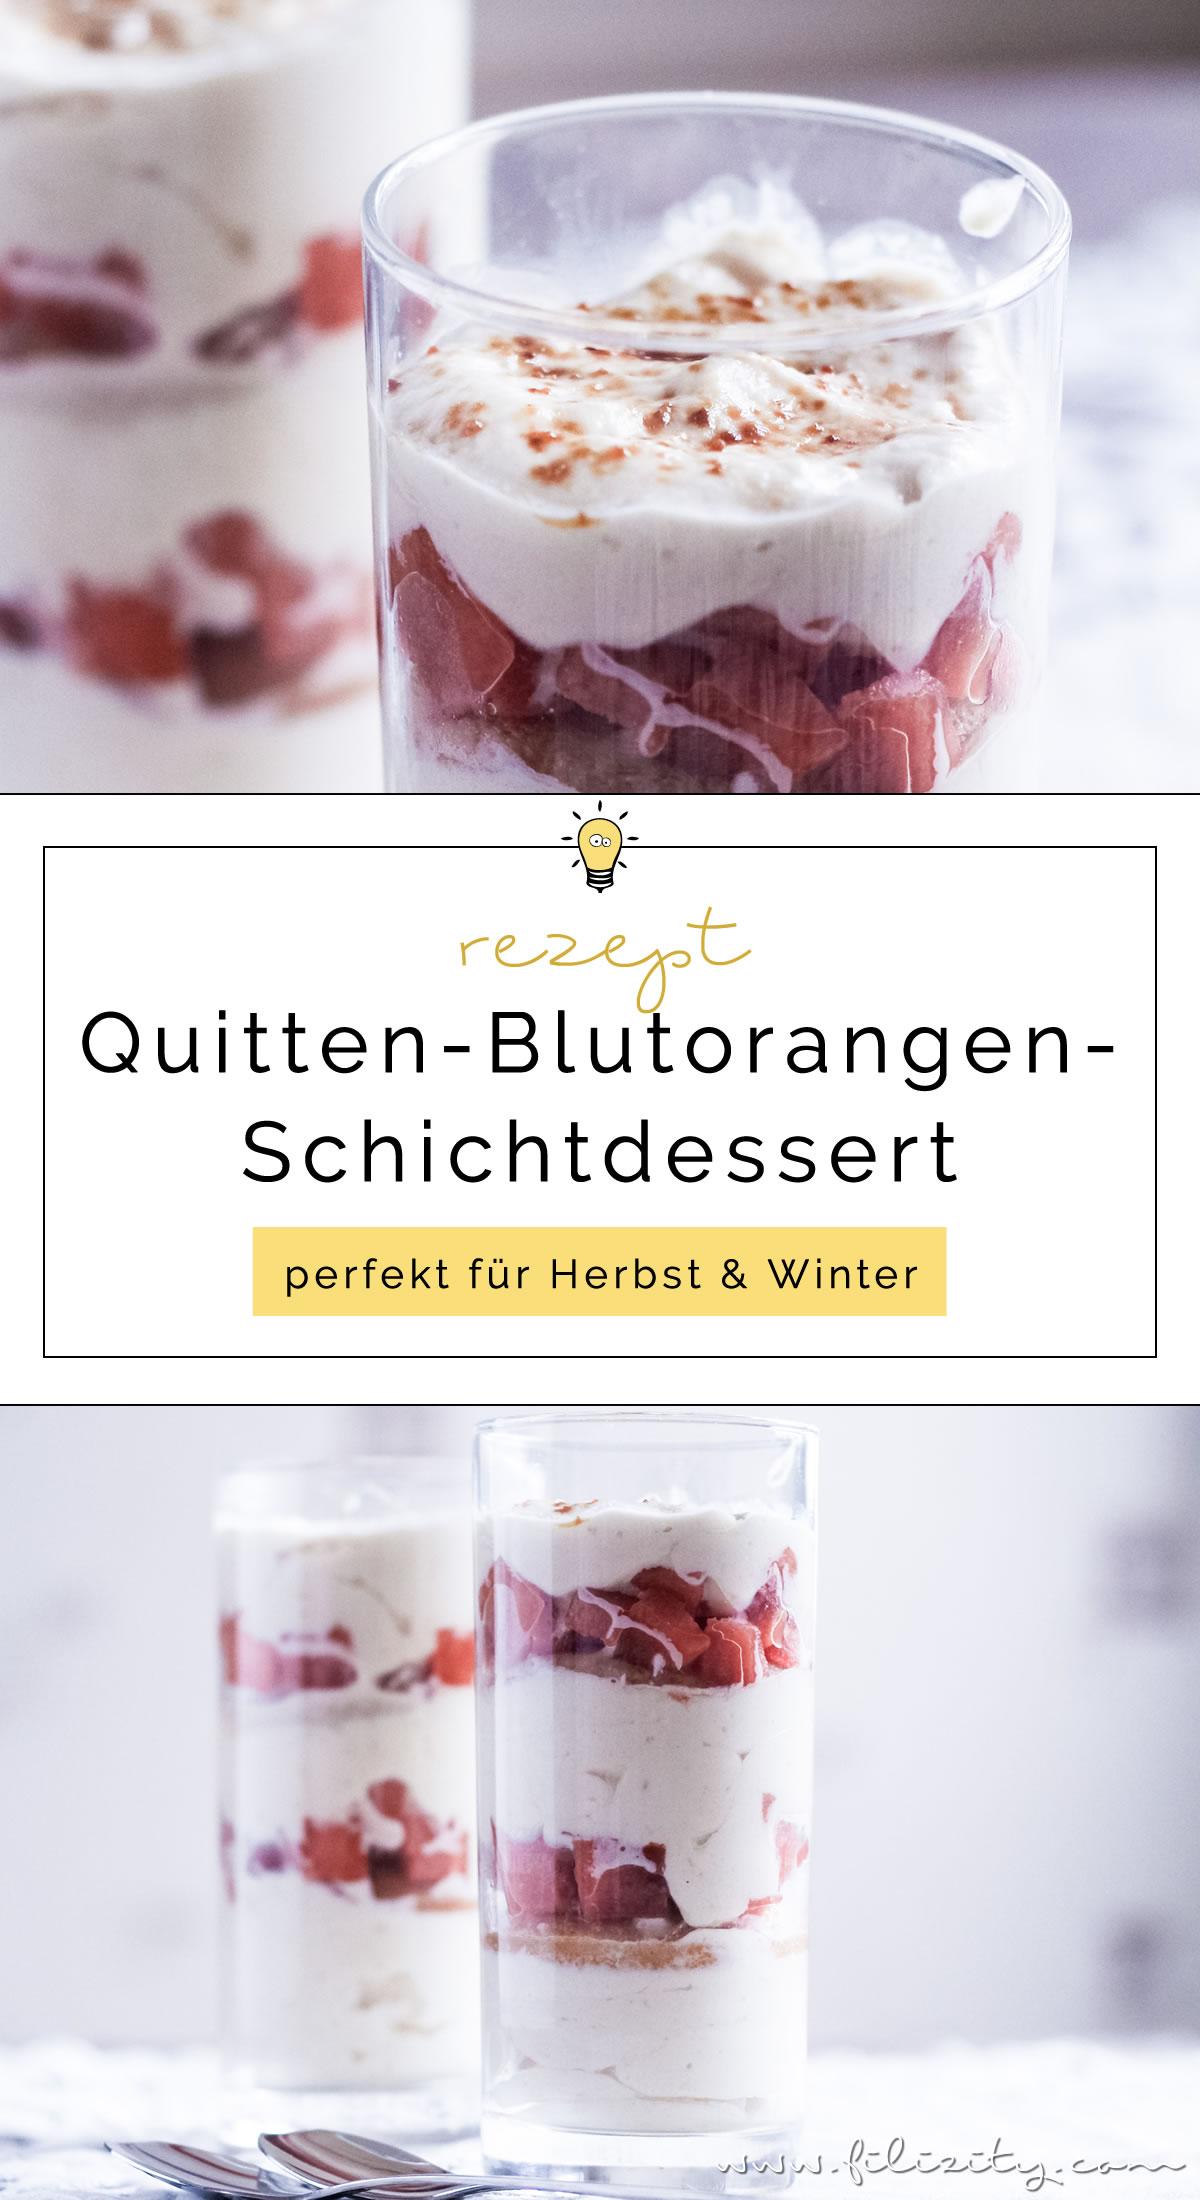 Quitten-Blutorangen-Schichtdessert (Trifle) mit Kokos-Mascarpone-Creme | exotischer, winterlicher Nachtisch | Filizity.com | Food-Blog aus dem Rheinland #trifle #dessert #winter